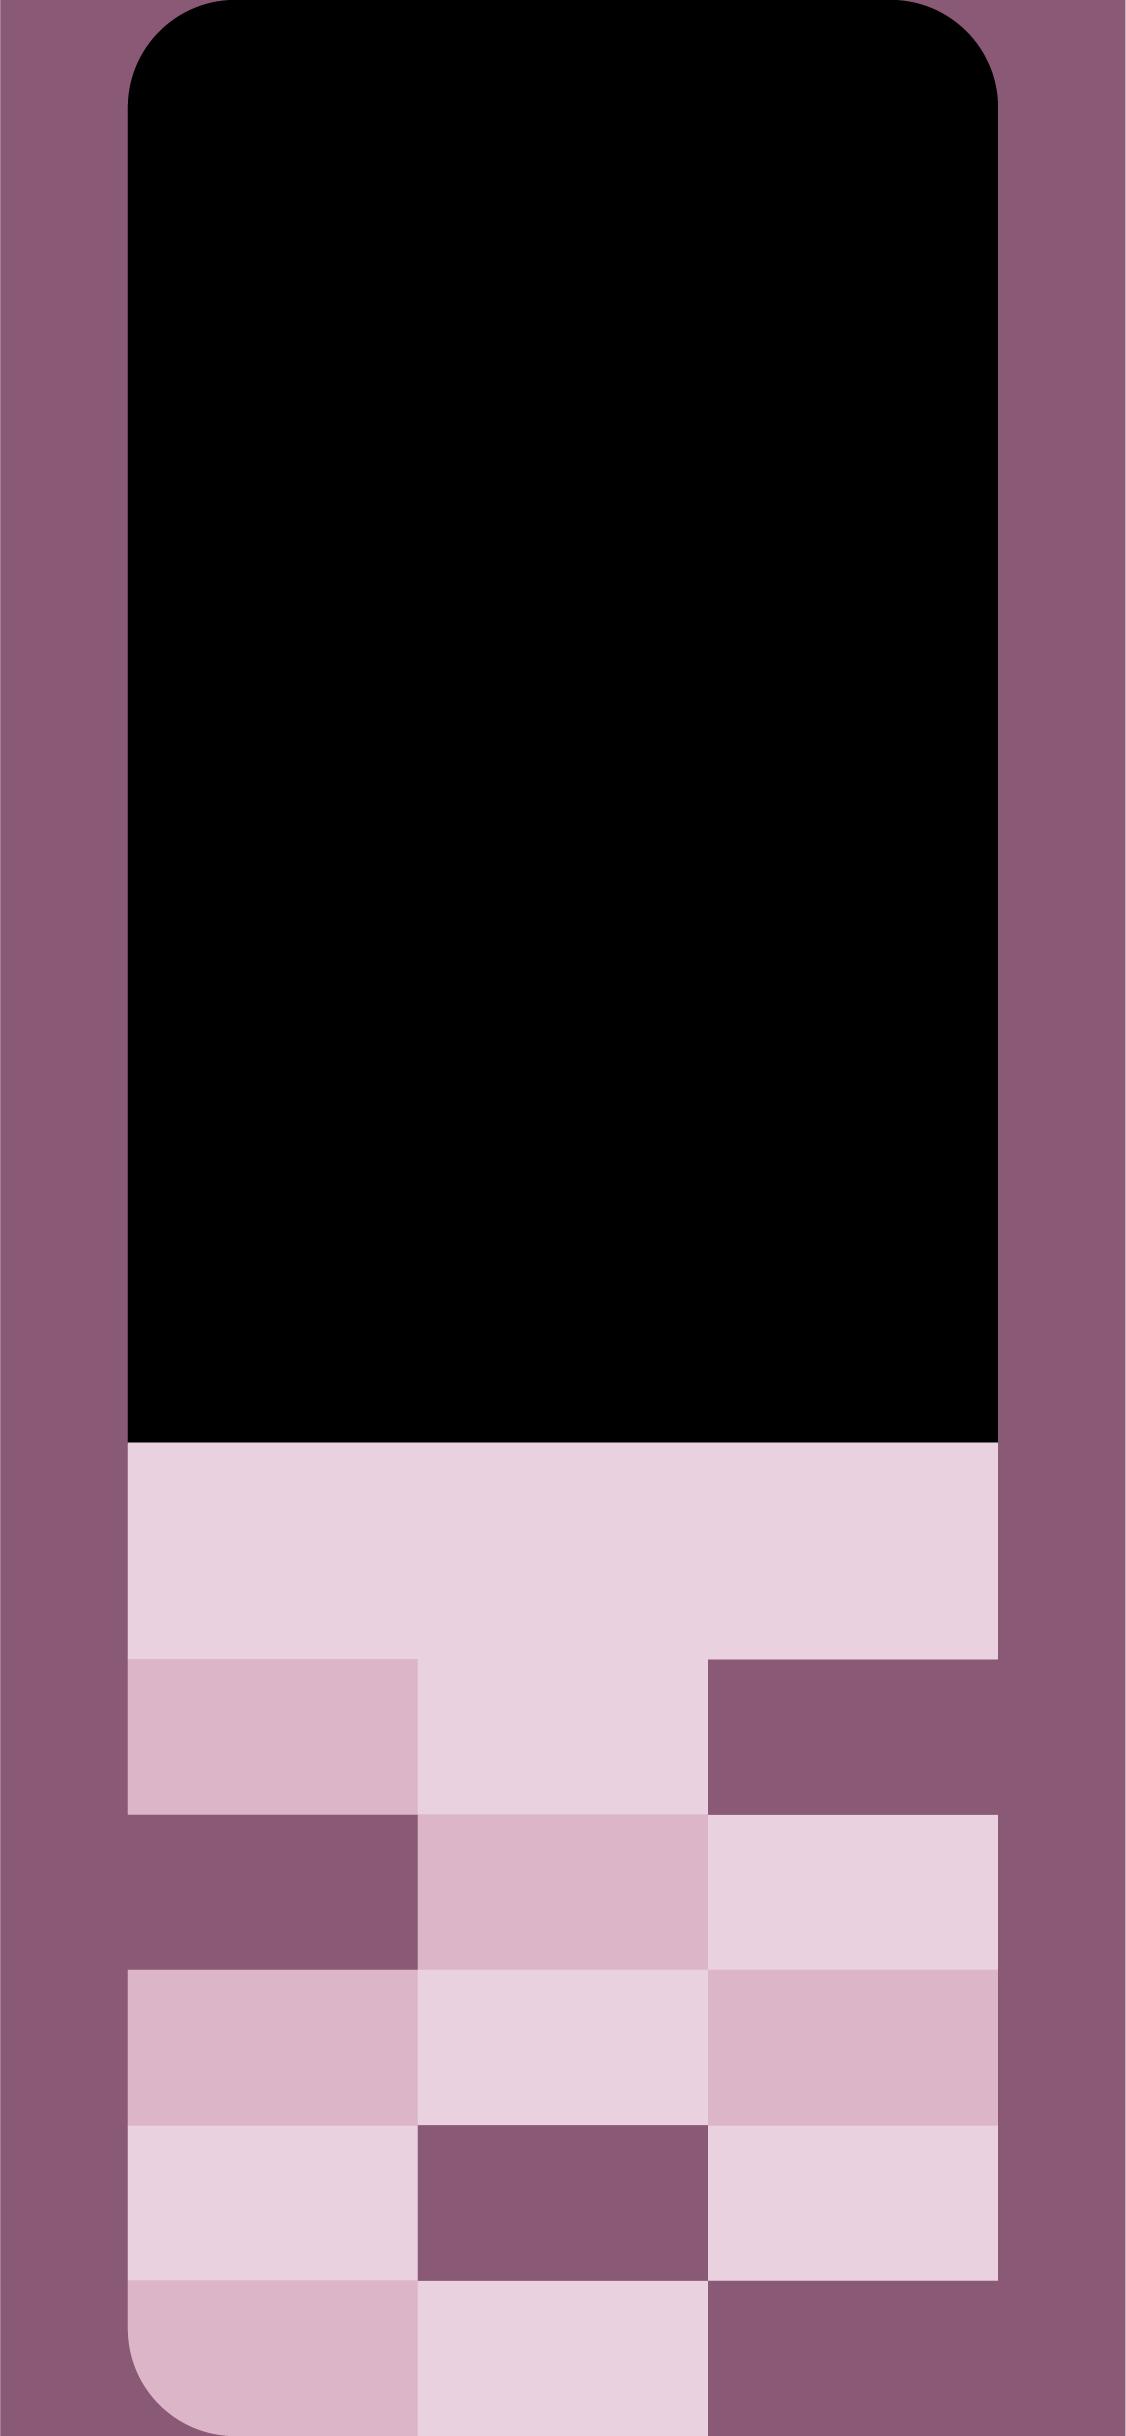 CHERRY BERRY | ロック中の画面用(ロゴ無し)